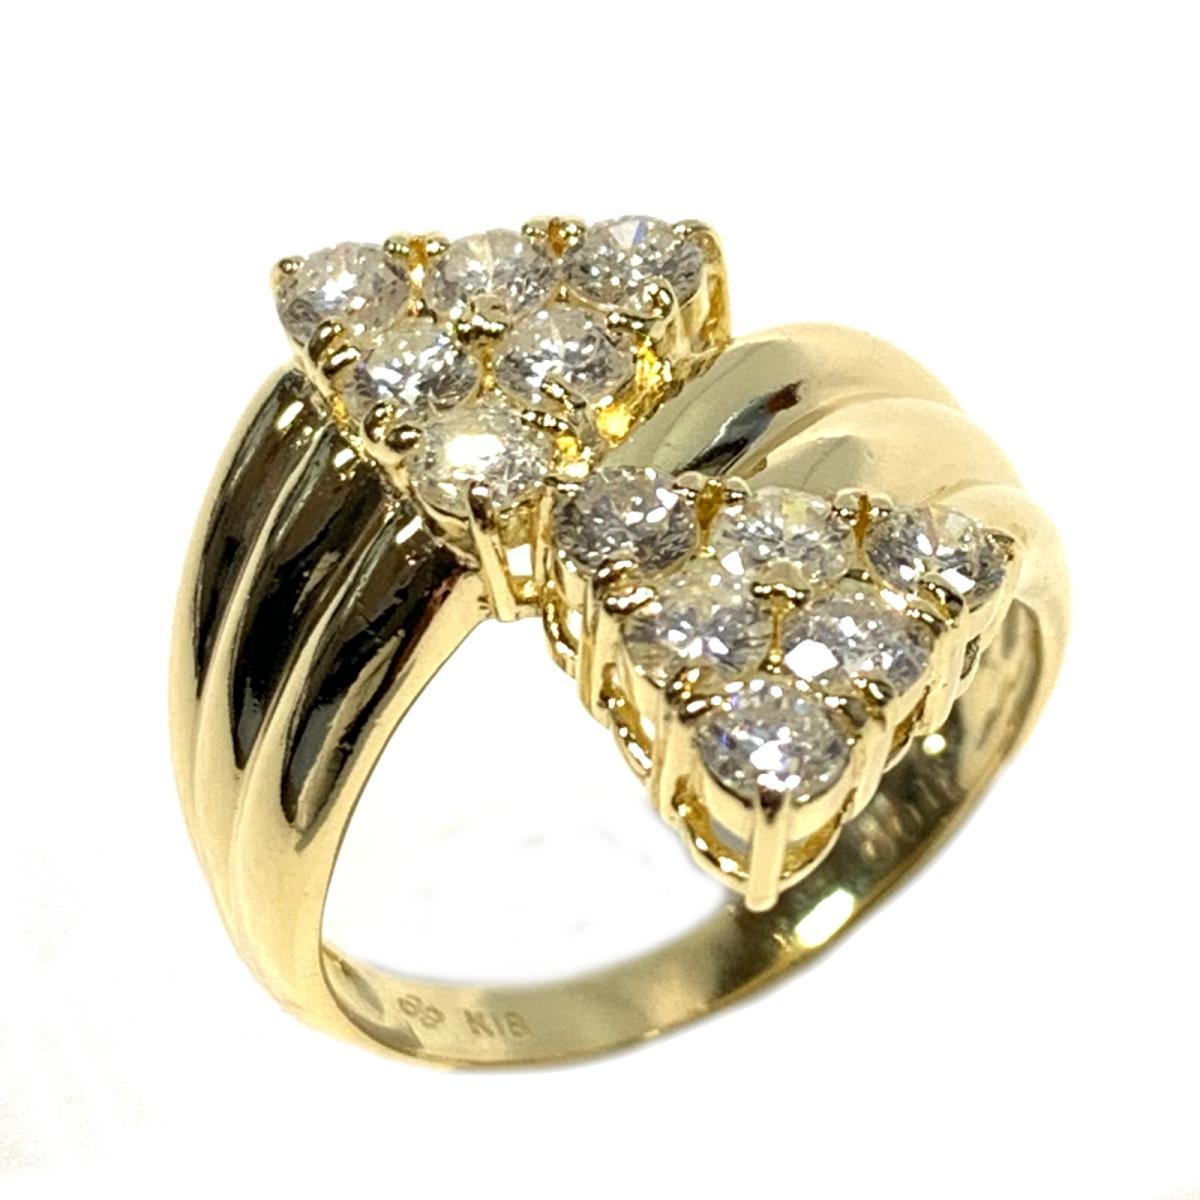 【中古】 ジュエリー ダイアヤモンドリング 指輪 レディース K18YG (750) イエローゴールド x ダイヤモンド1.00ct ゴールド クリアー | JEWELRY BRANDOFF ブランドオフ ブランド アクセサリー リング